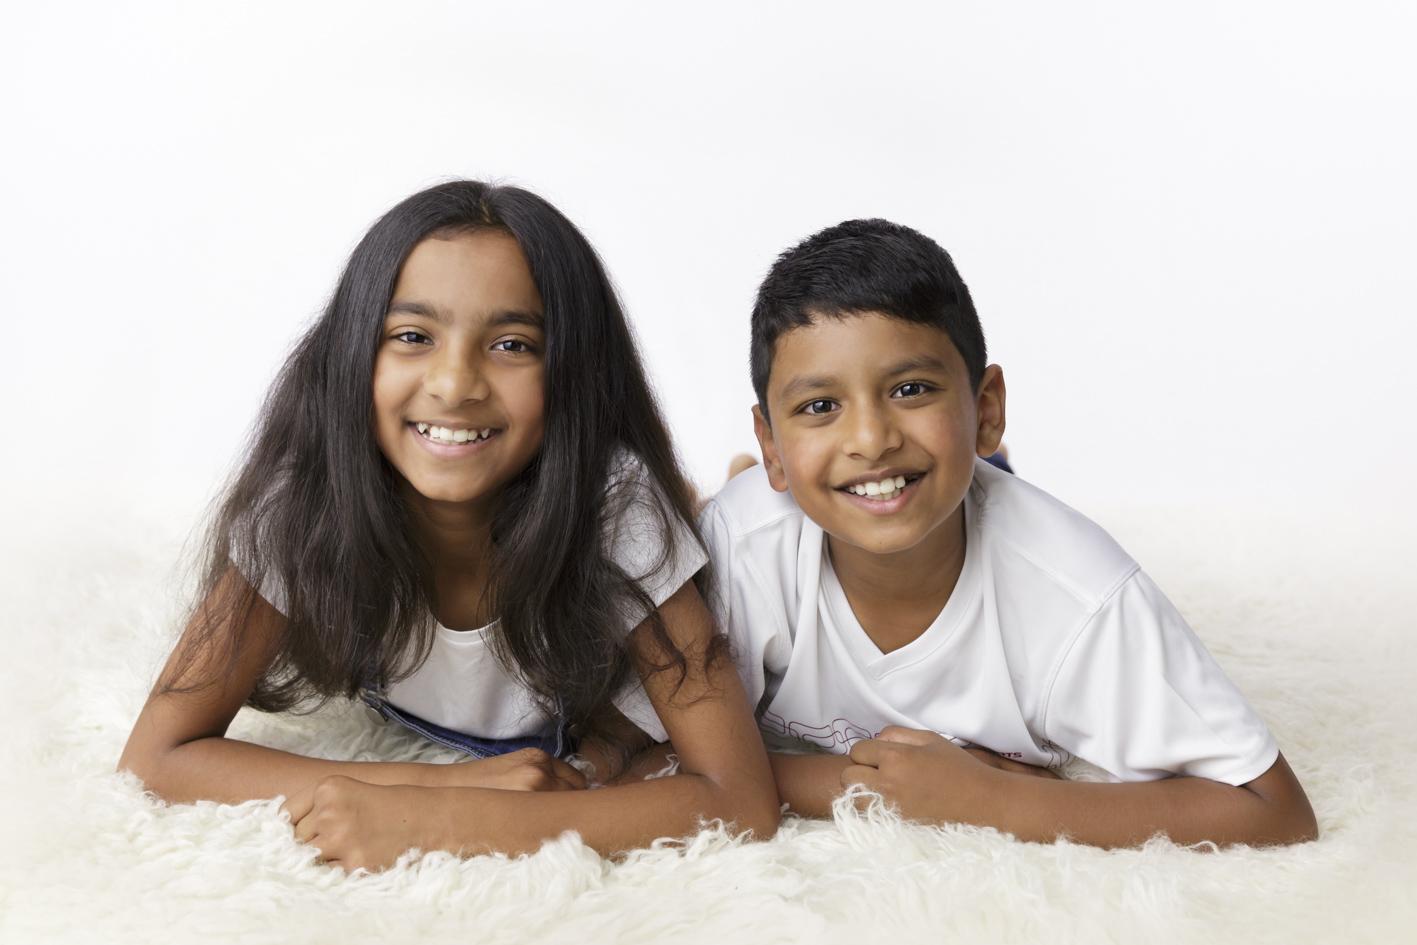 sibling photograph